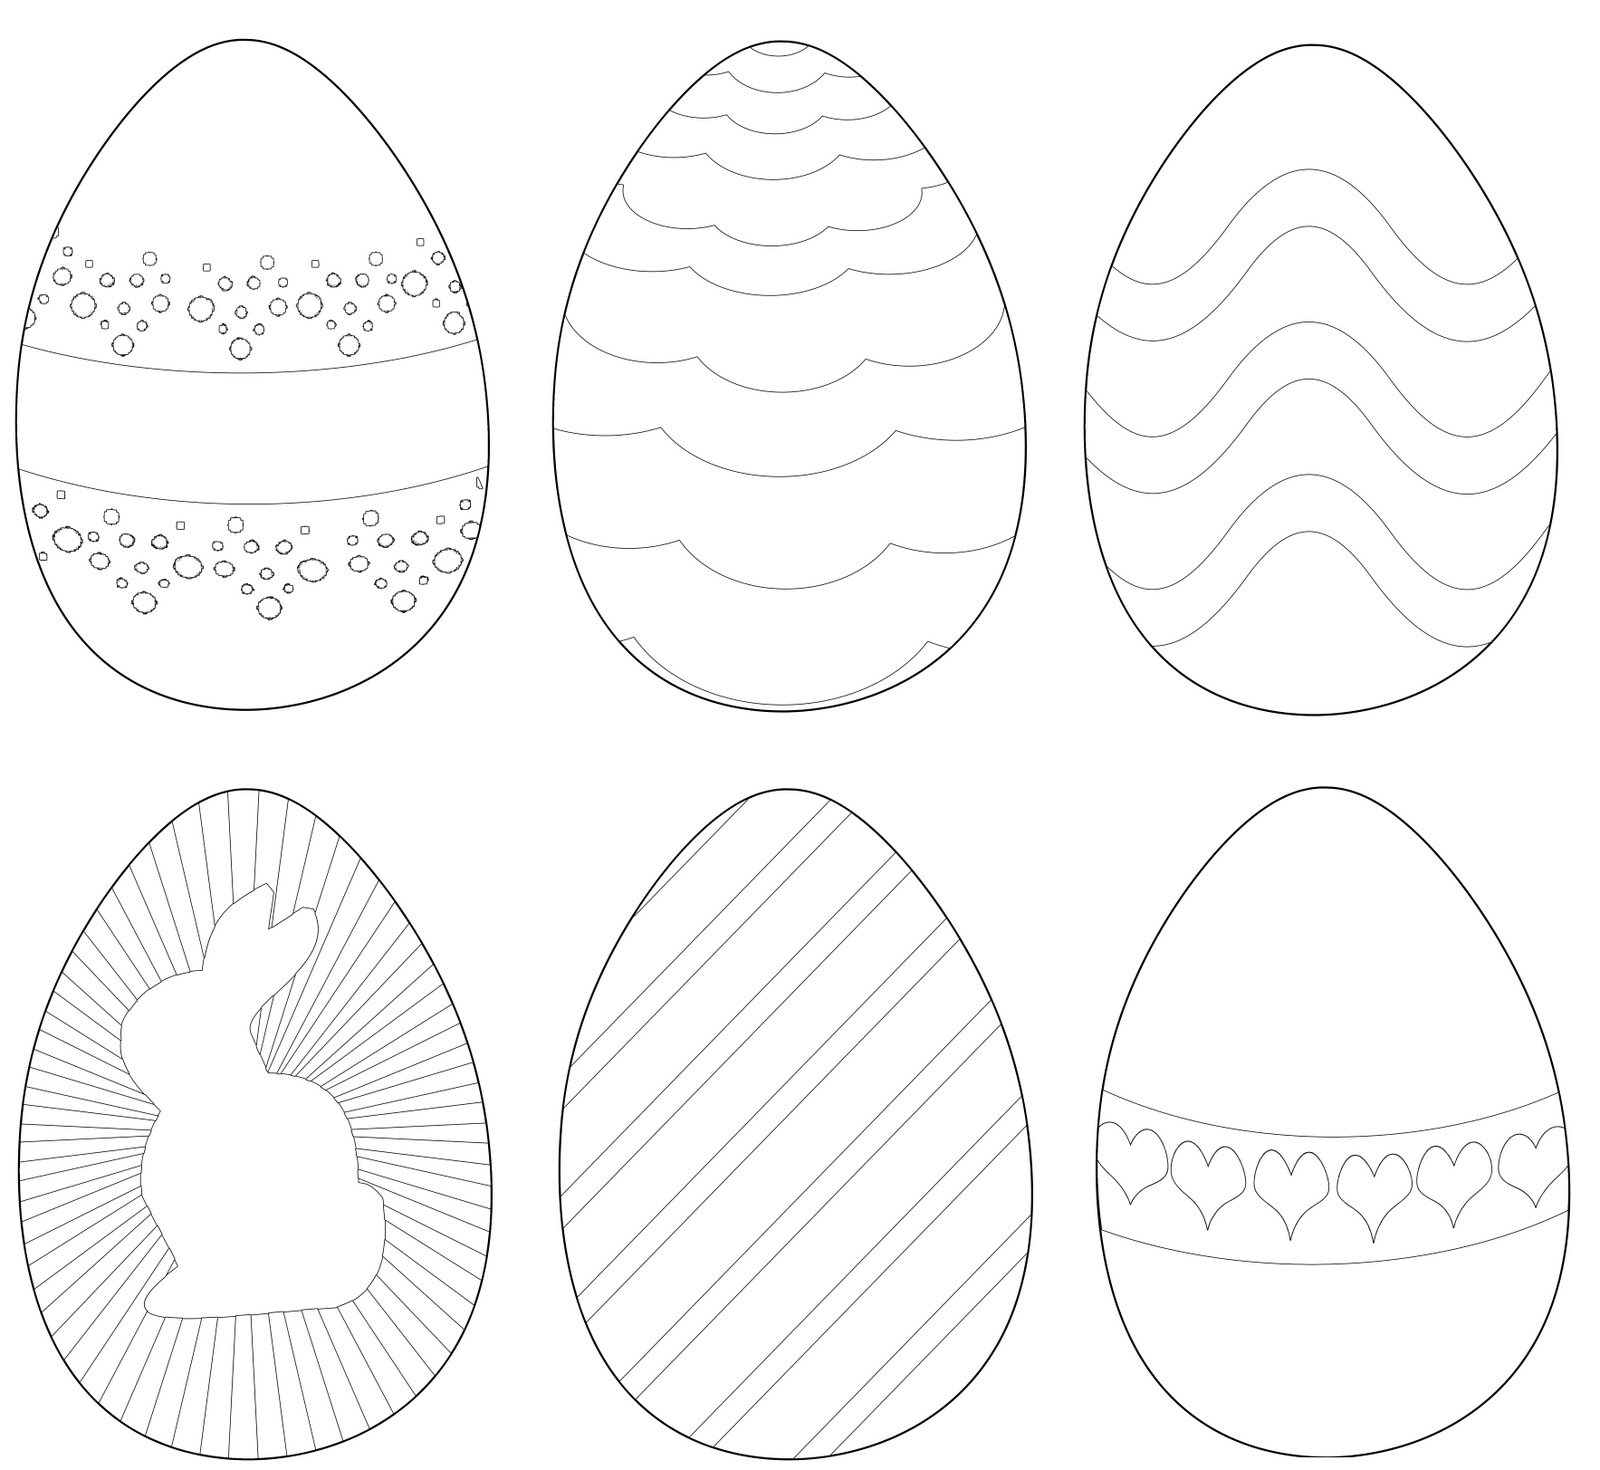 Magnífico Páginas Para Colorear Huevos De Pascua Motivo - Dibujos ...